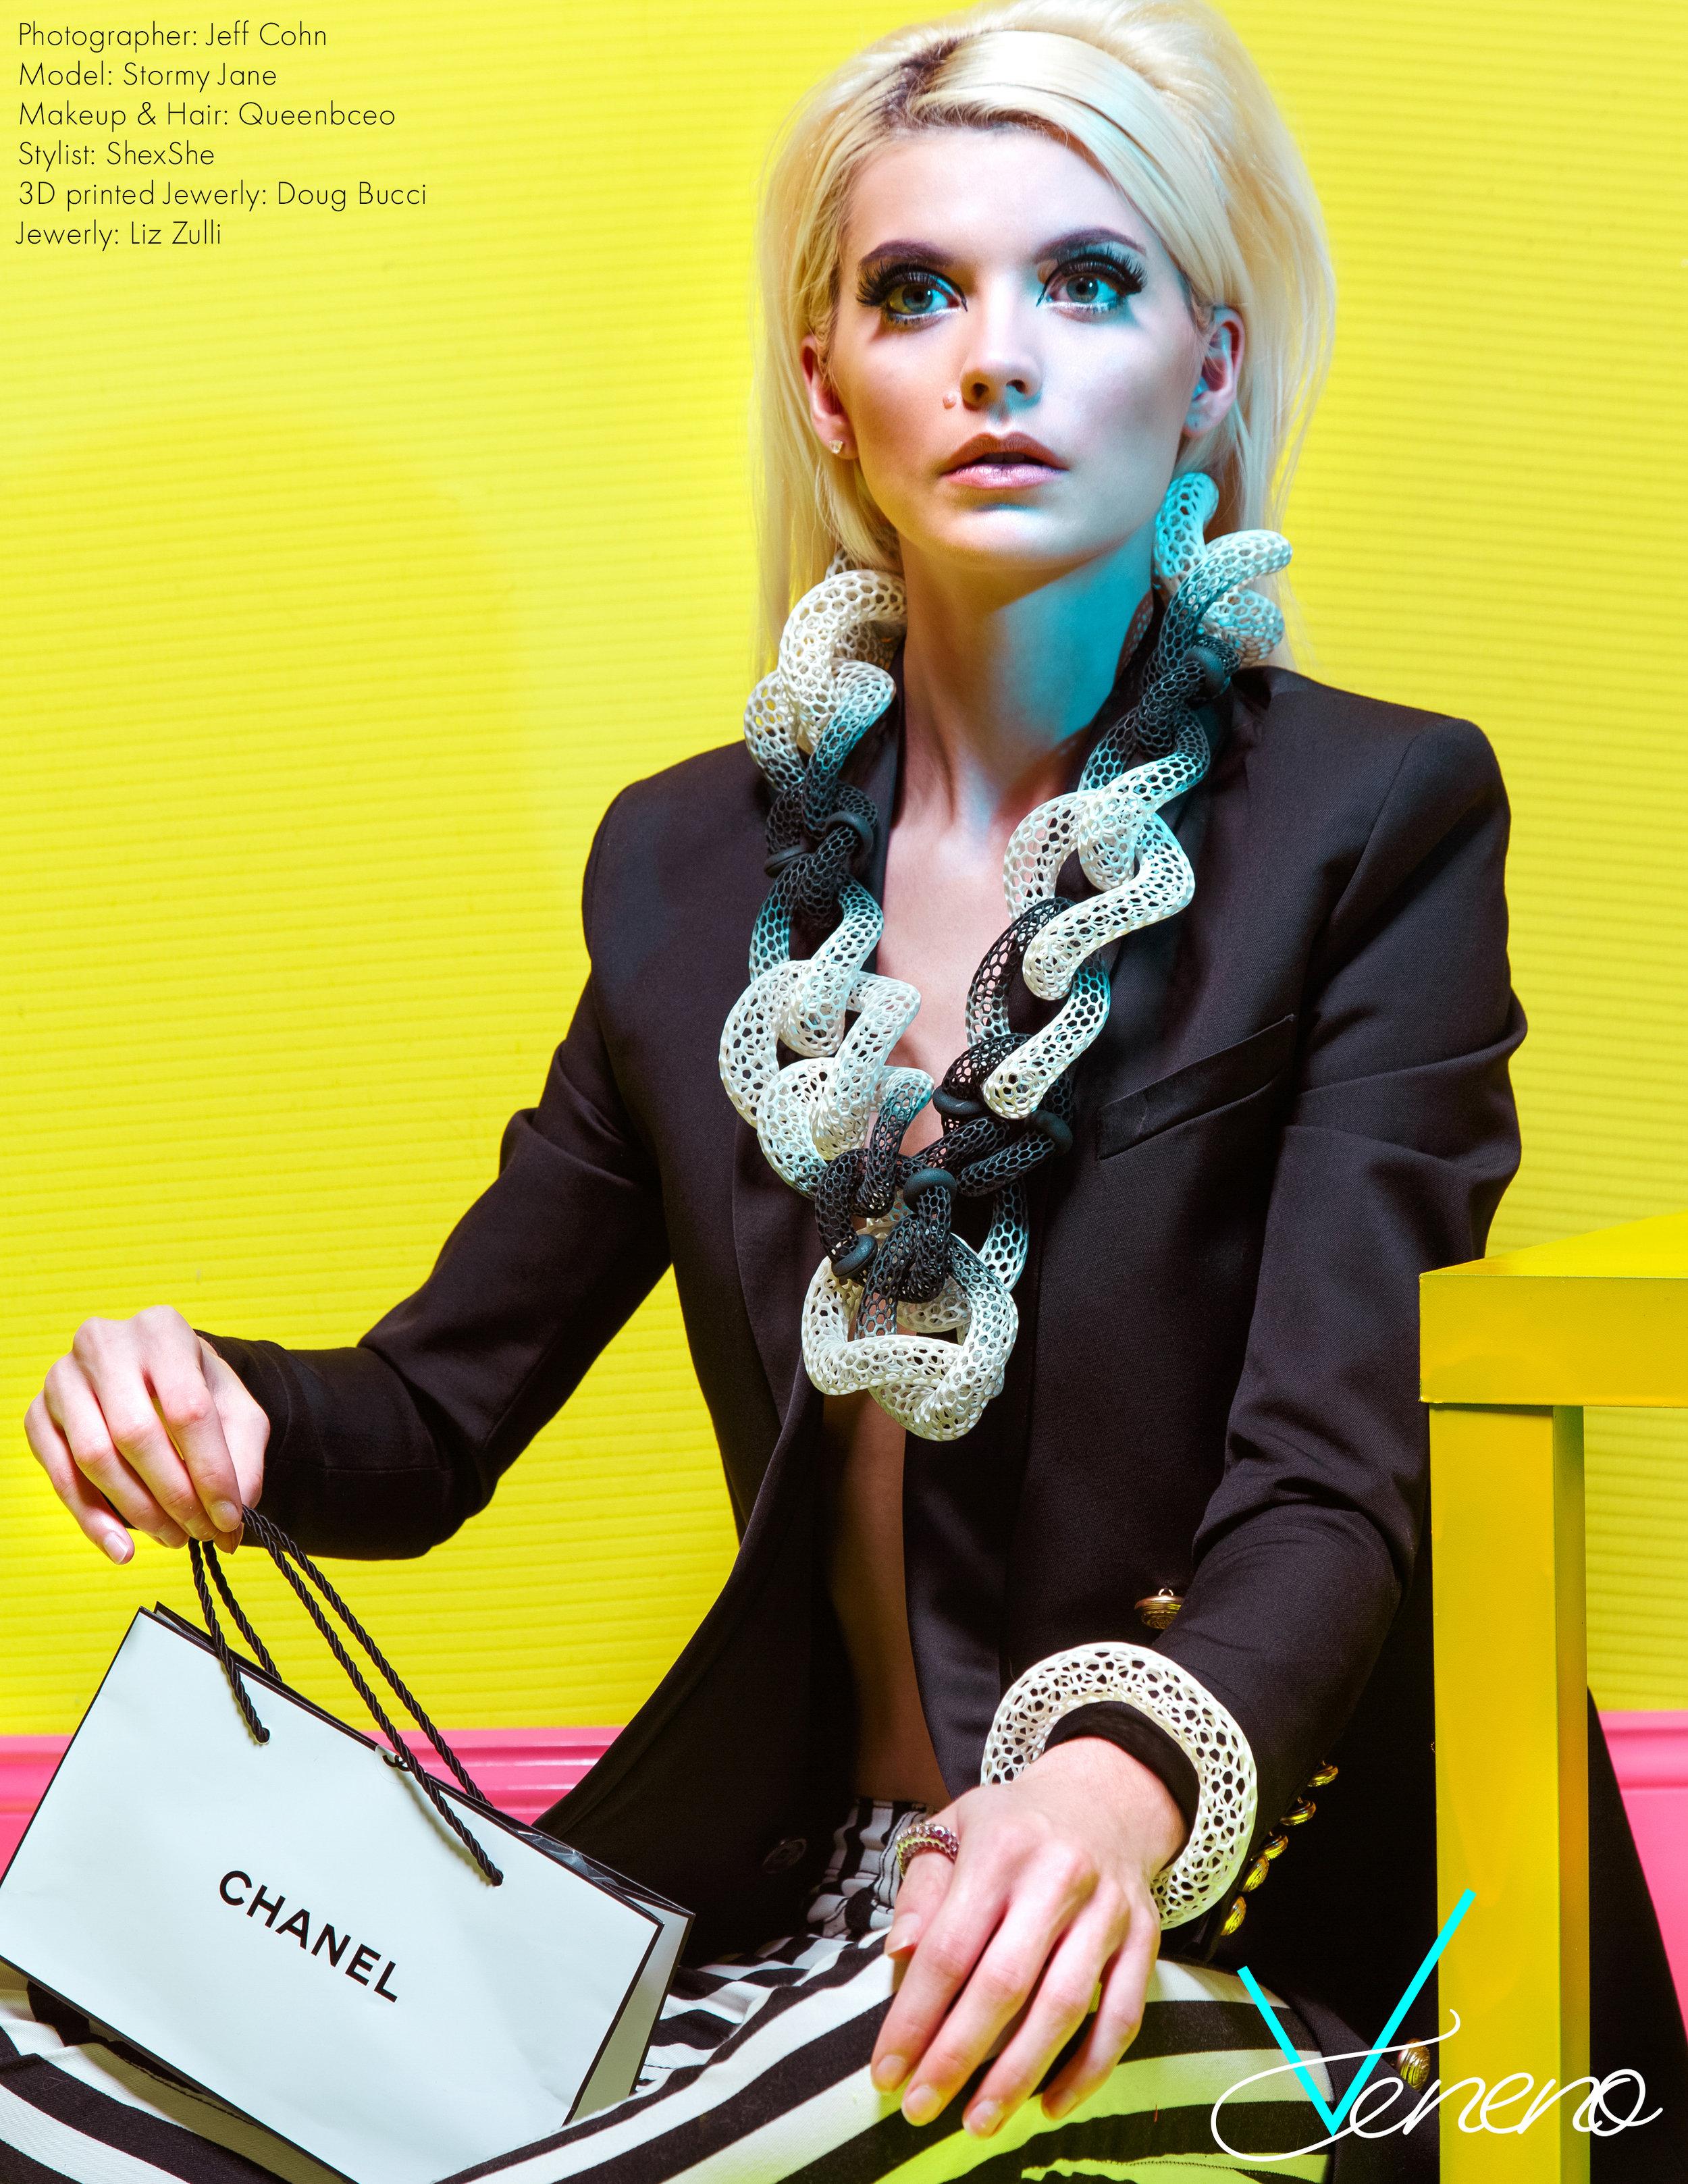 Jacket: H&M X Balmain, Pants: Balmain, 3D printed, Jewelry: Doug Bucci, Chanel: Bag and makeup